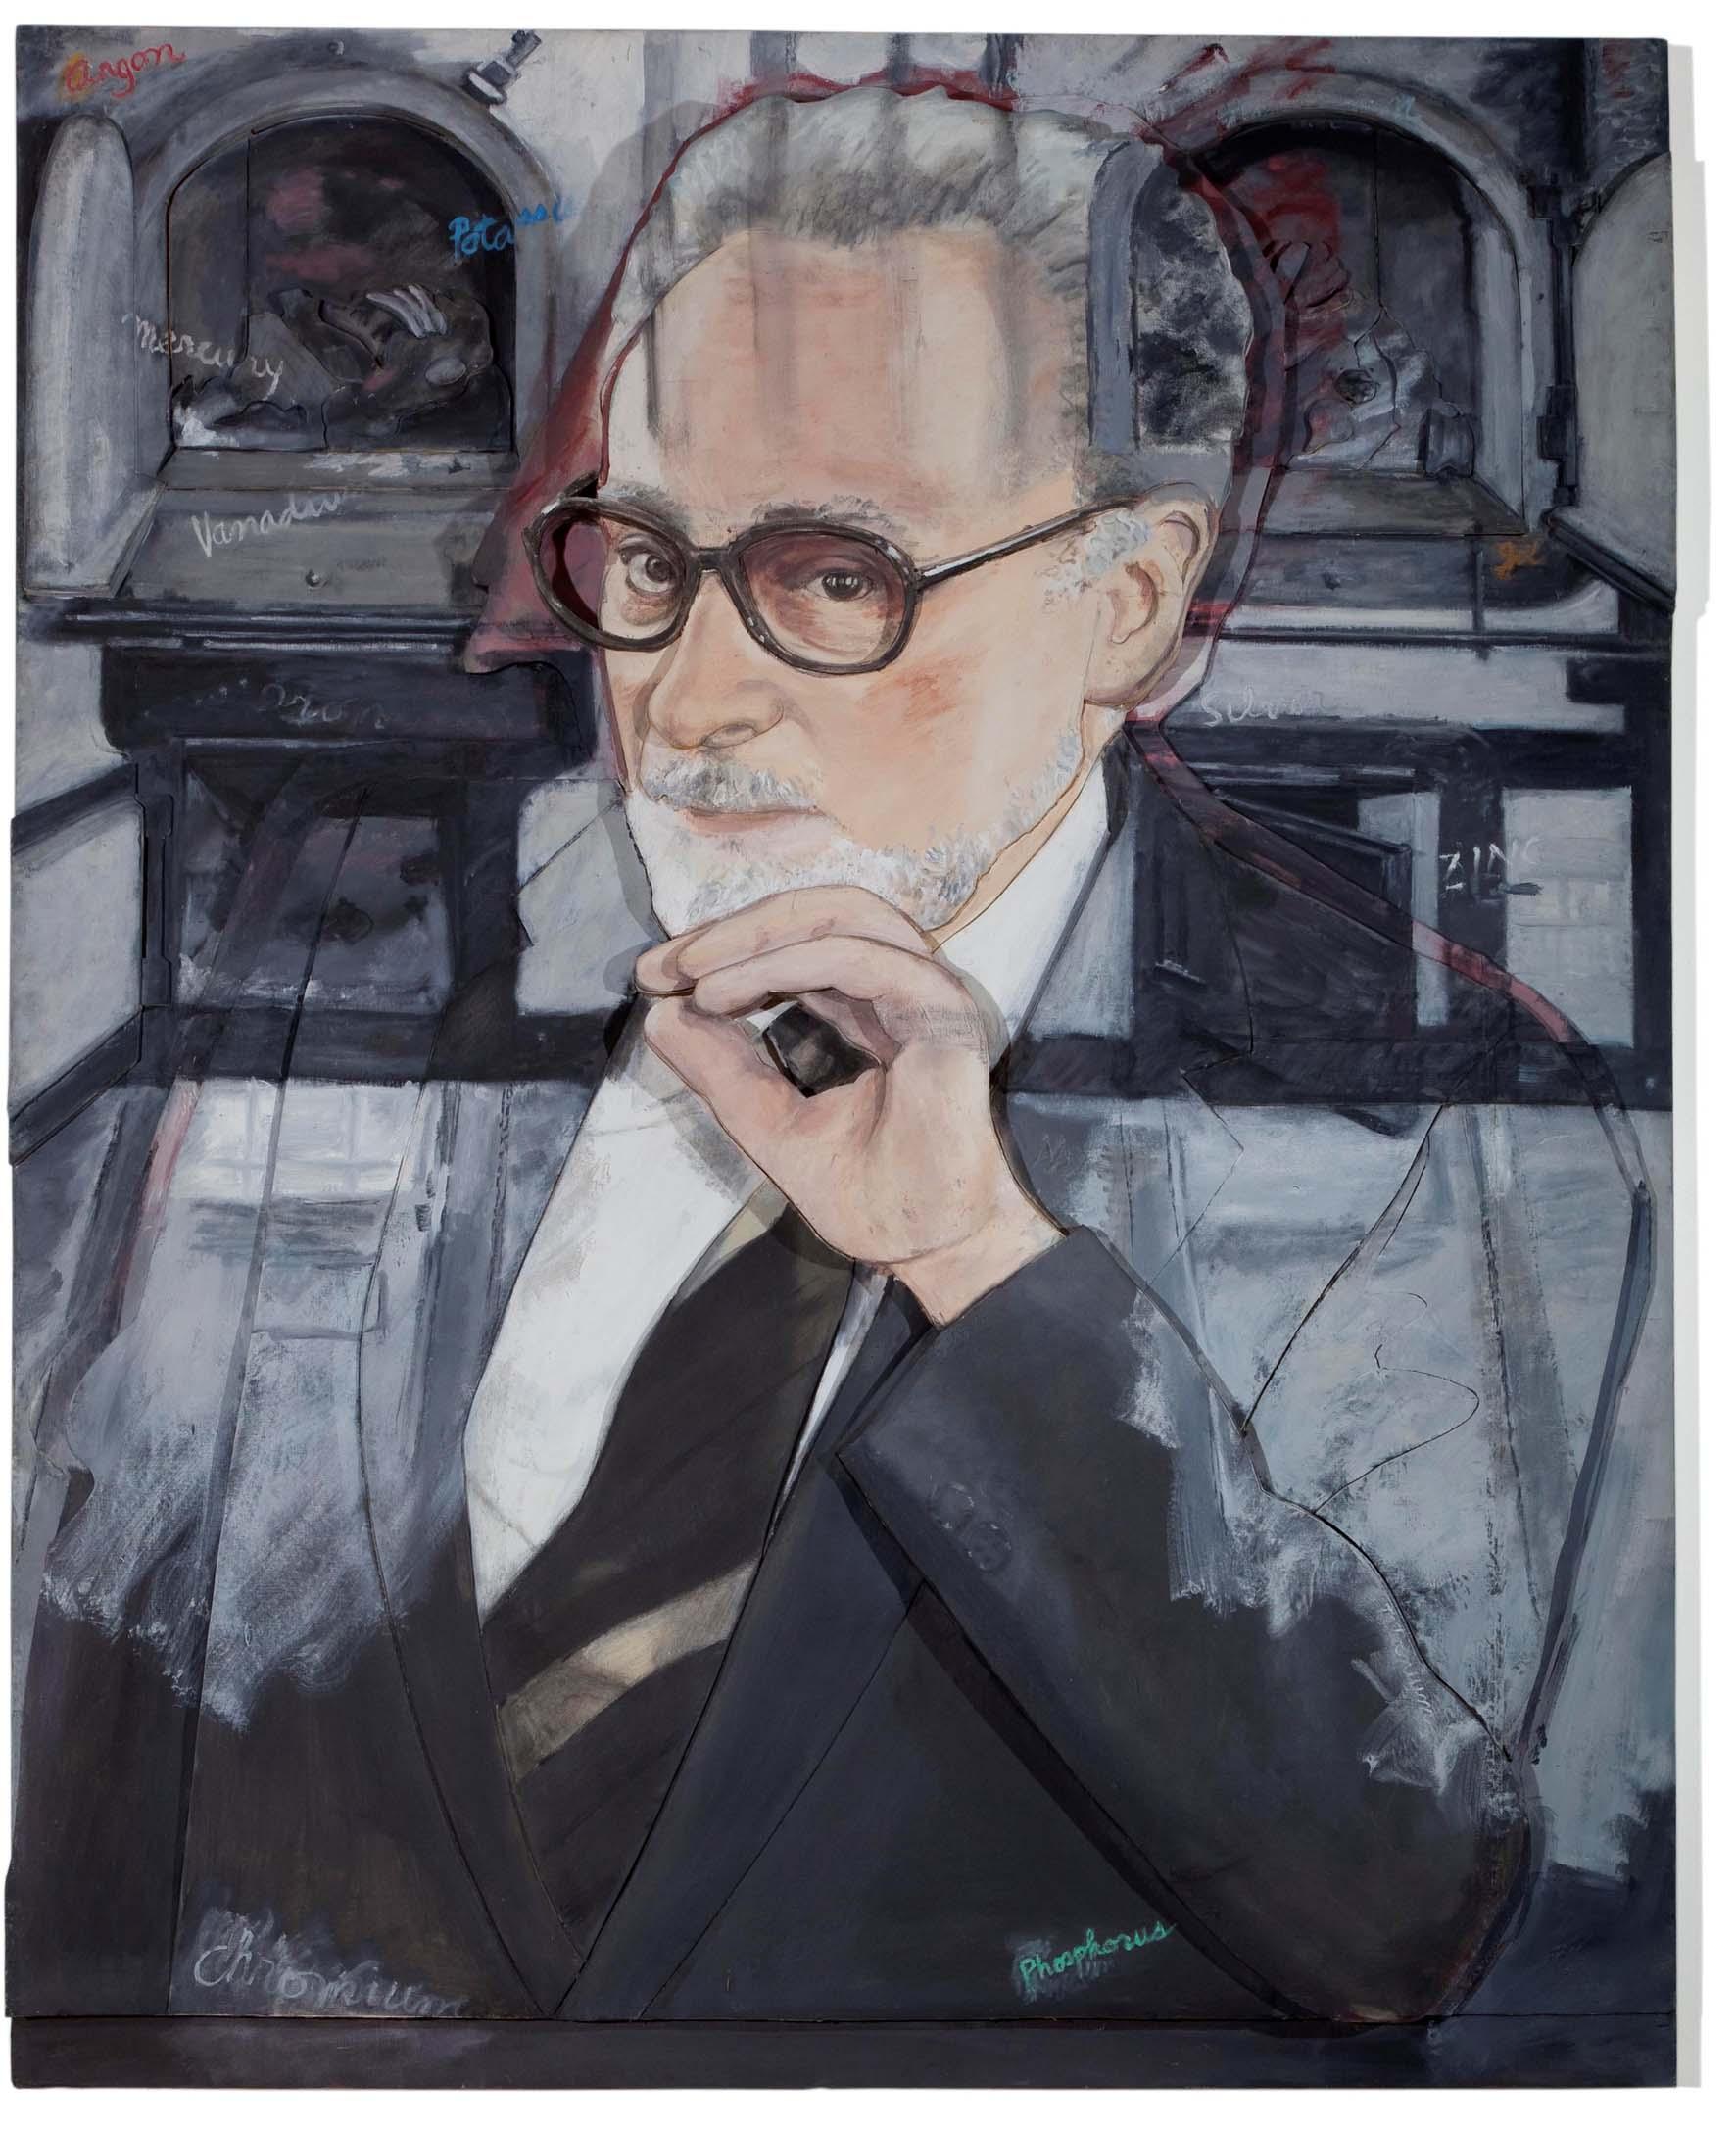 Larry Rivers Periodic Table 1987 cm. 186 h x 146 x 15 olio su tela montato su poliuretano espanso modellato In deposito presso la Pinacoteca Giovanni e Marella Agnelli di Torino